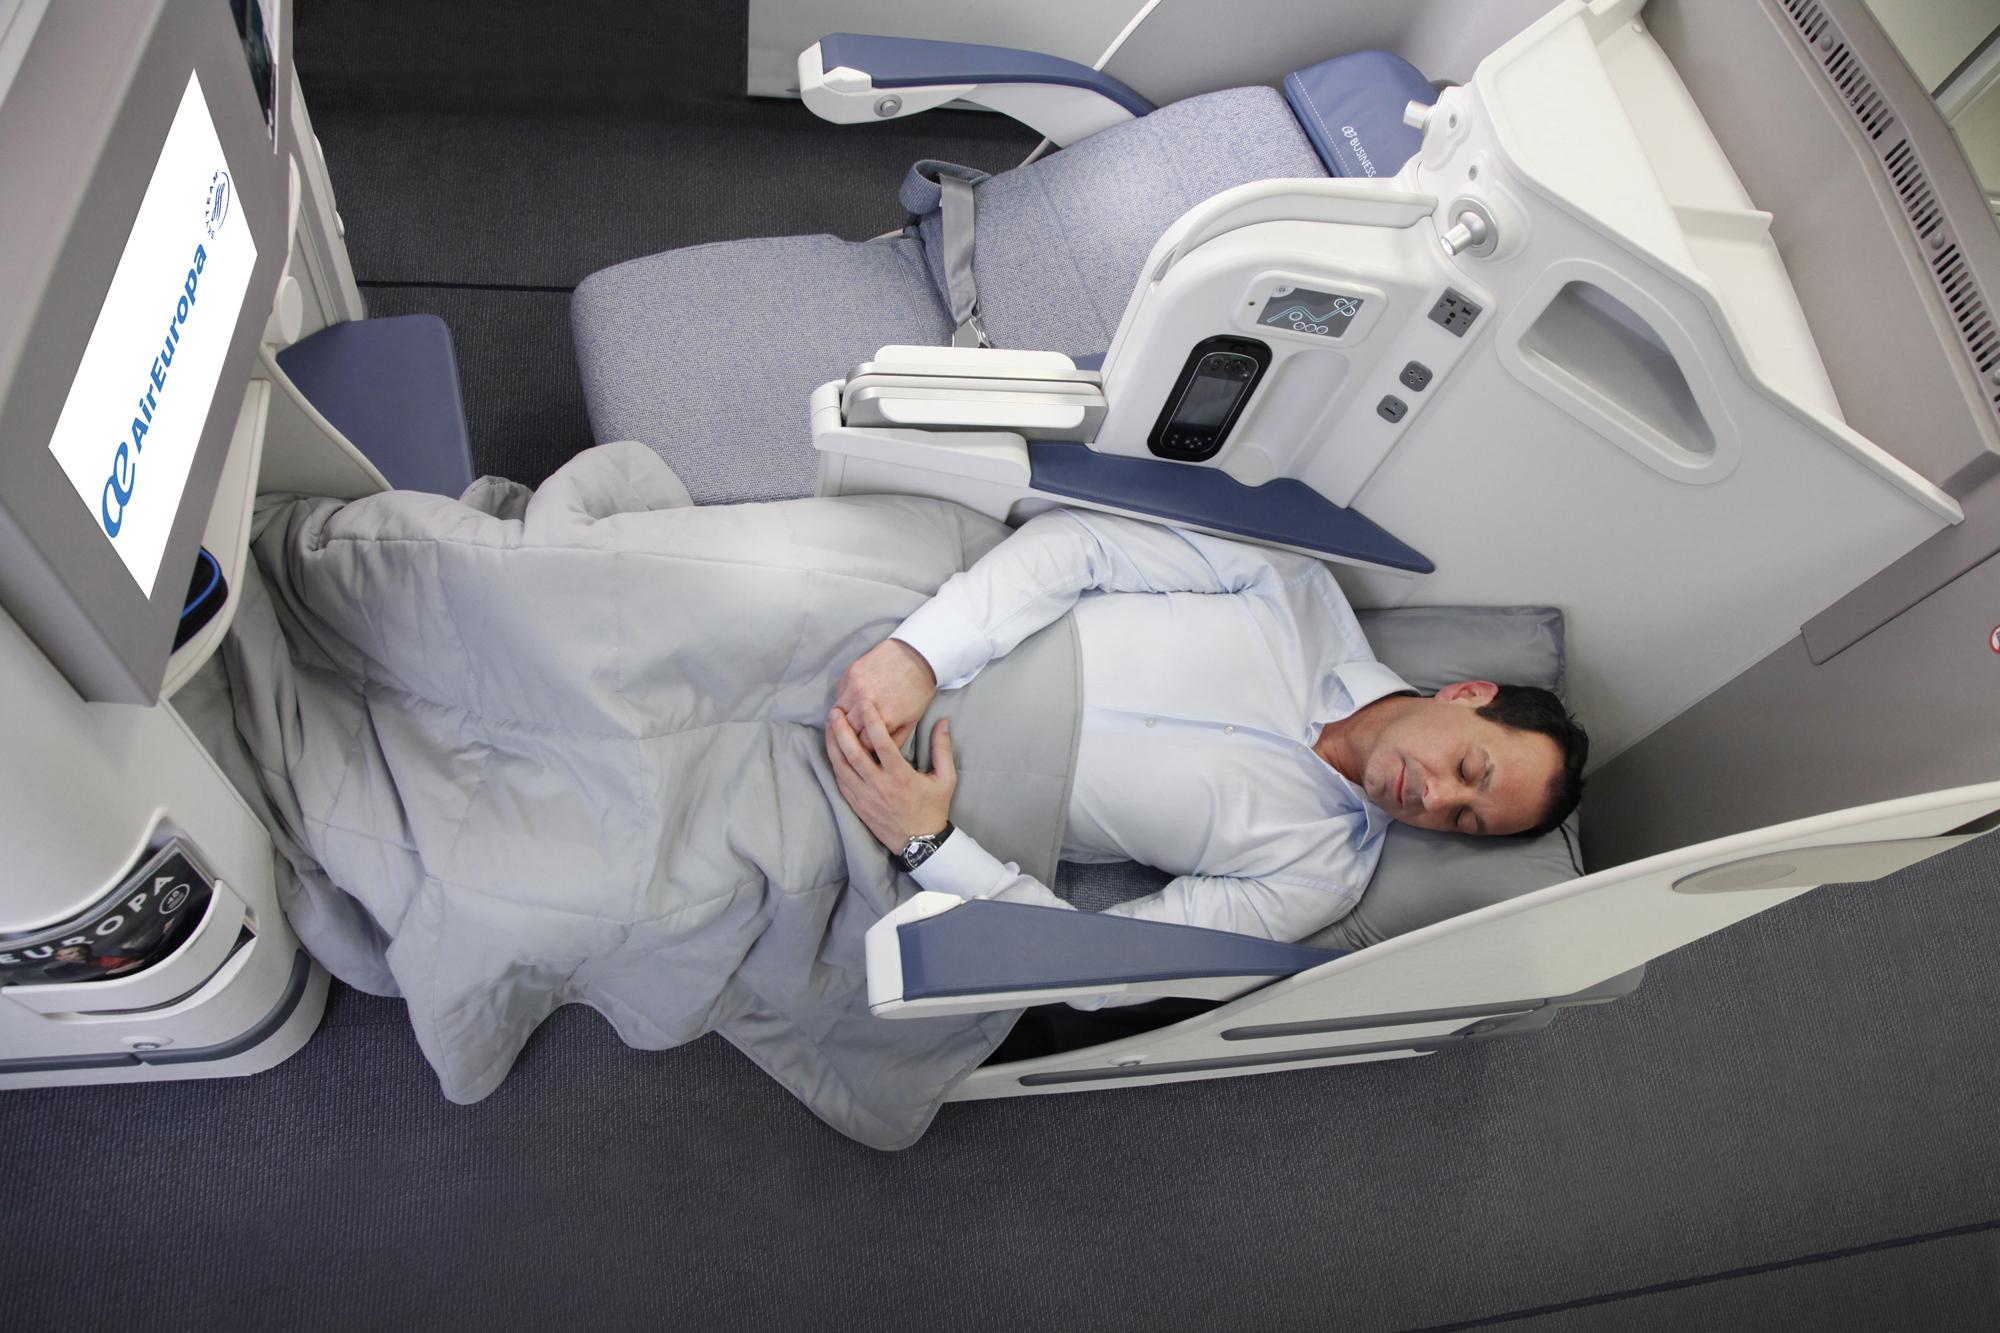 Air europa nasce il trasporto vip stylux for Interior 787 air europa